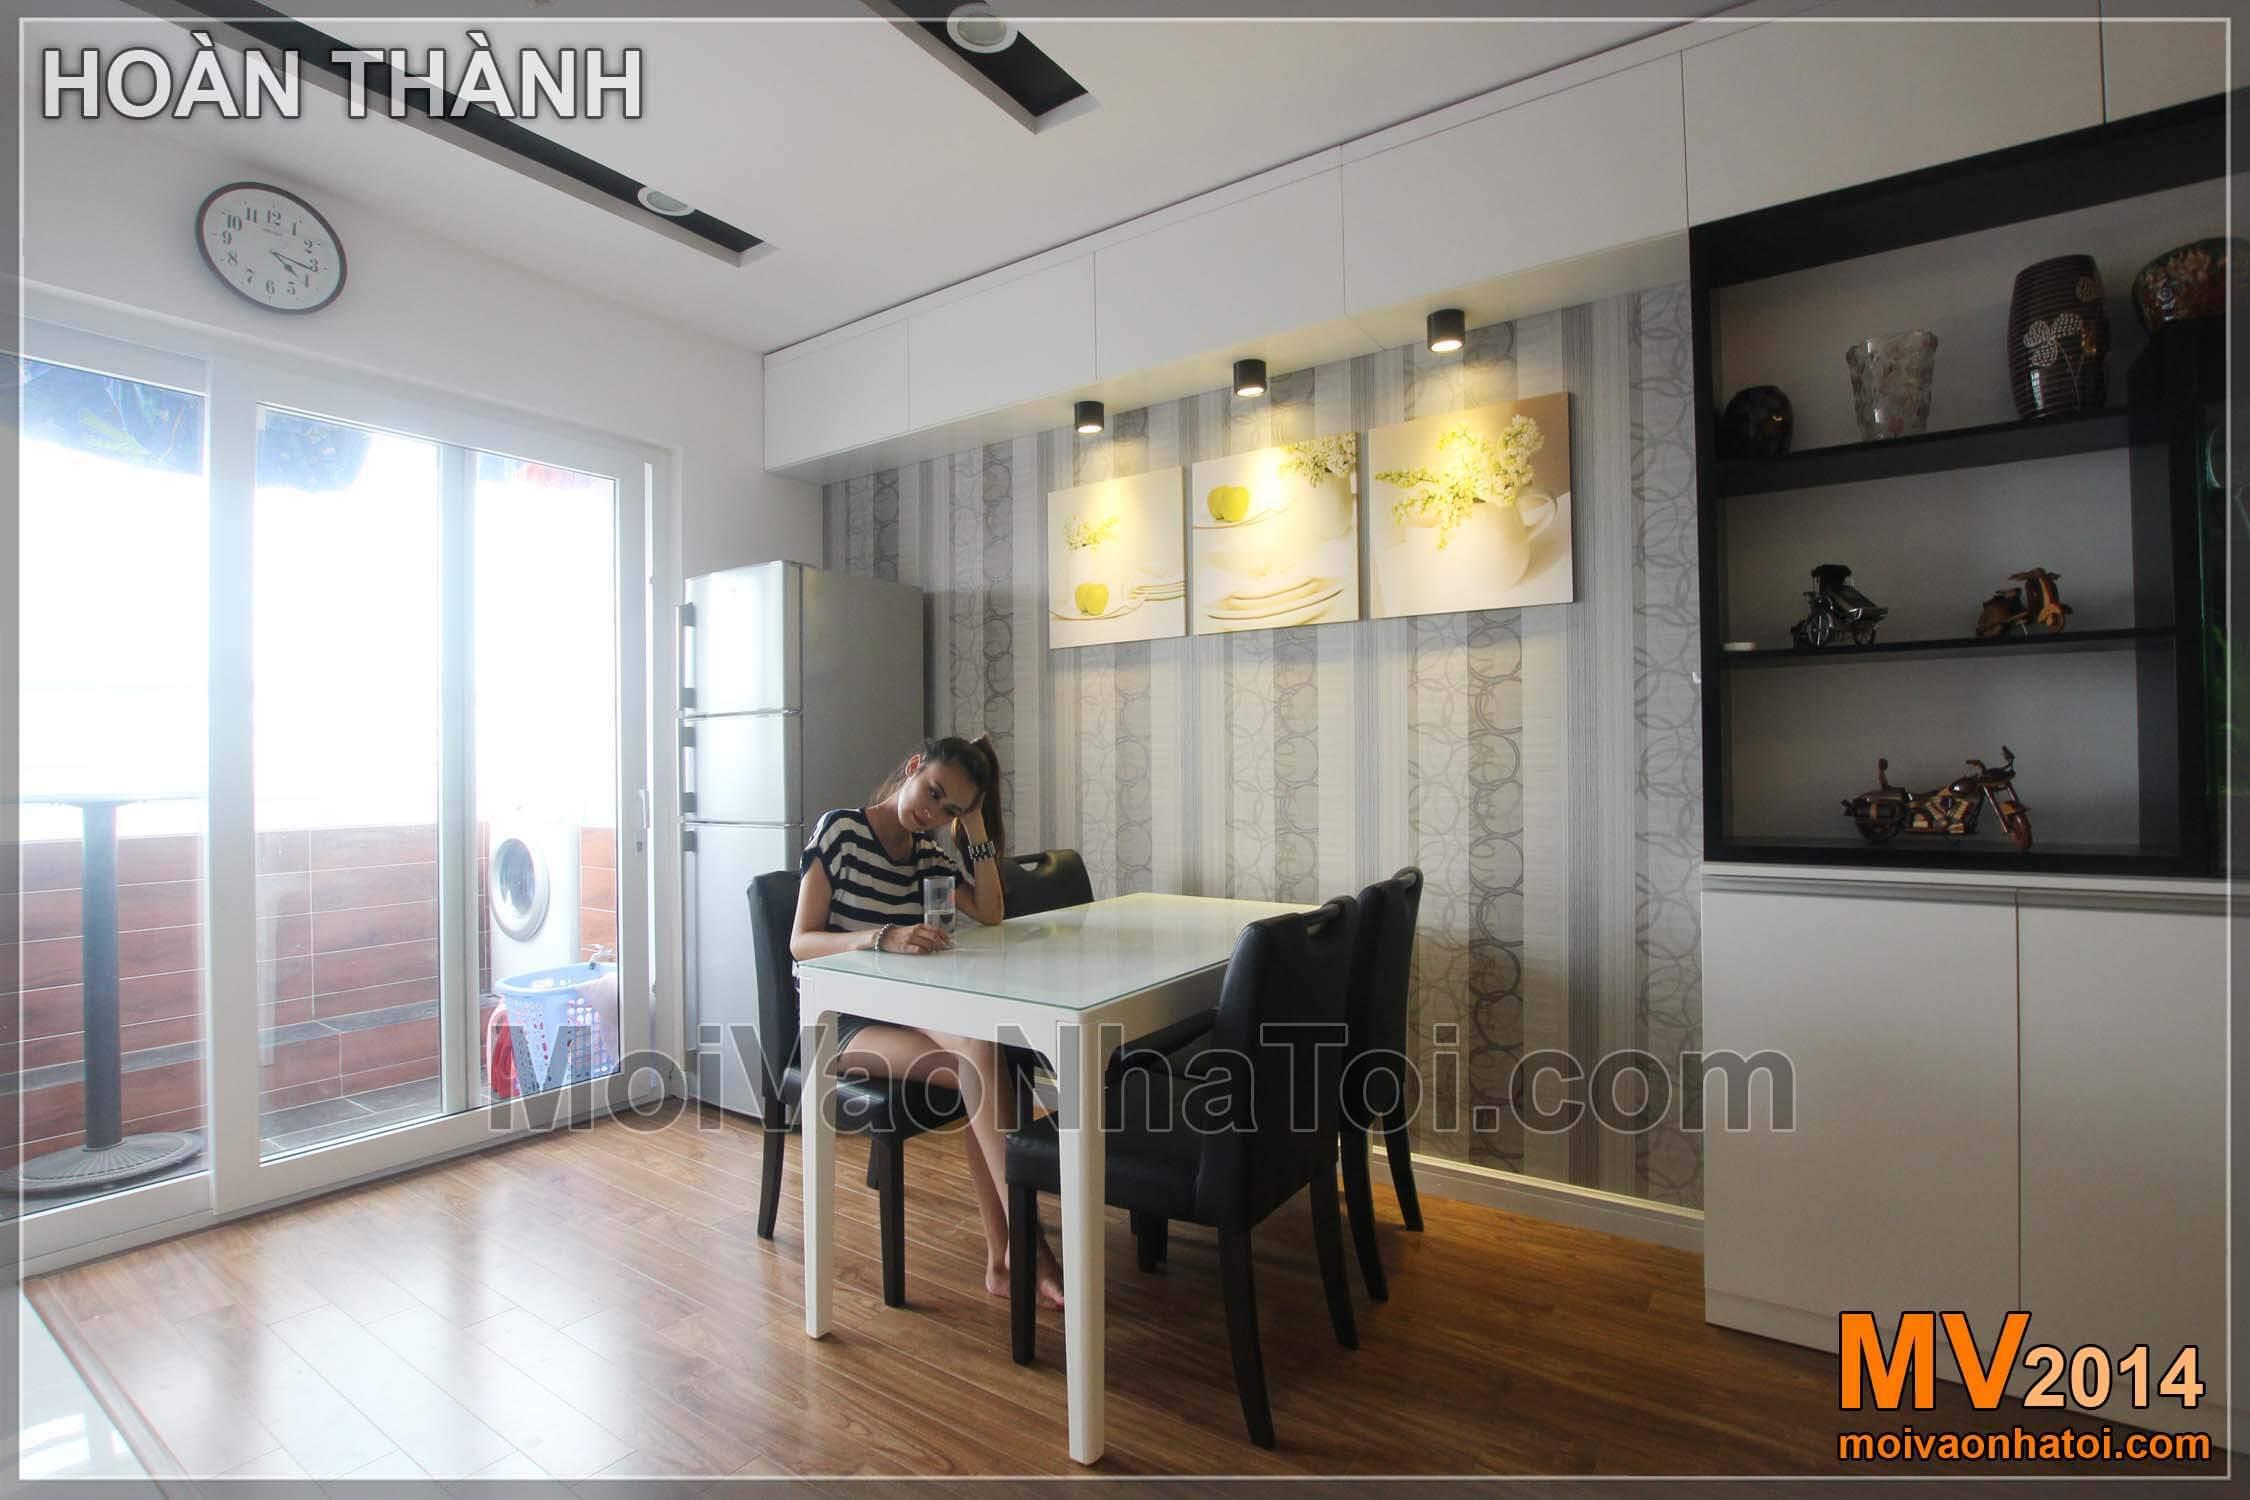 Chung cư Nam Đô Complex Phòng ăn và các mảng tường, tủ trang trí